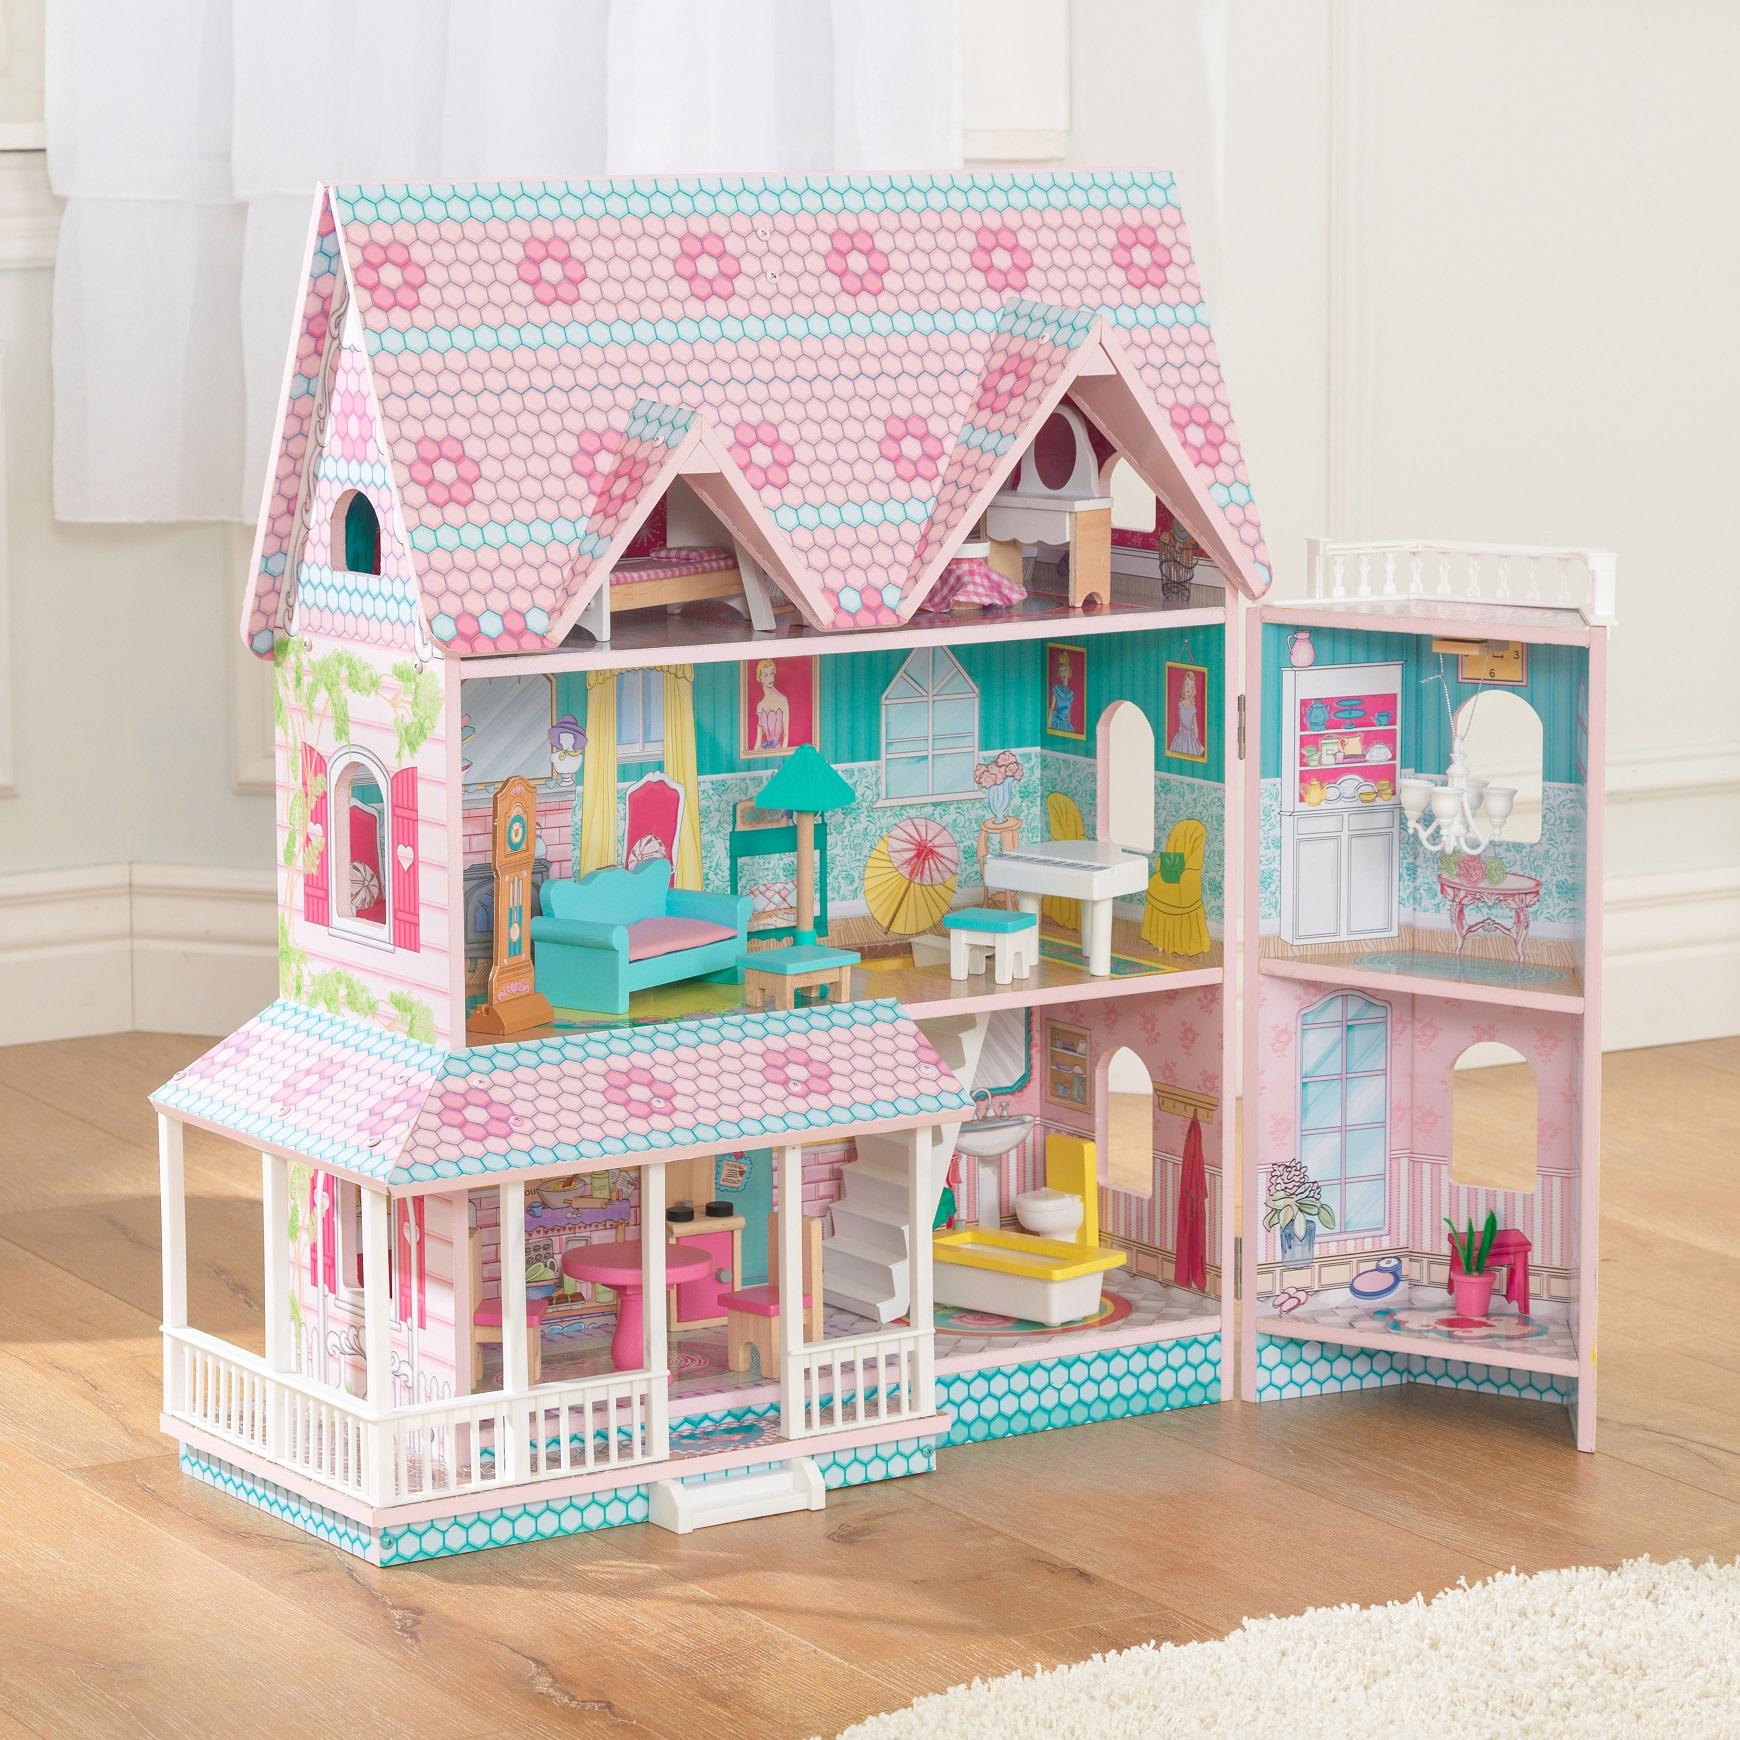 Casa de muñecas kidkraft abbey manor 65941 abierta gracias a su fantástico sistema de bisagras width=